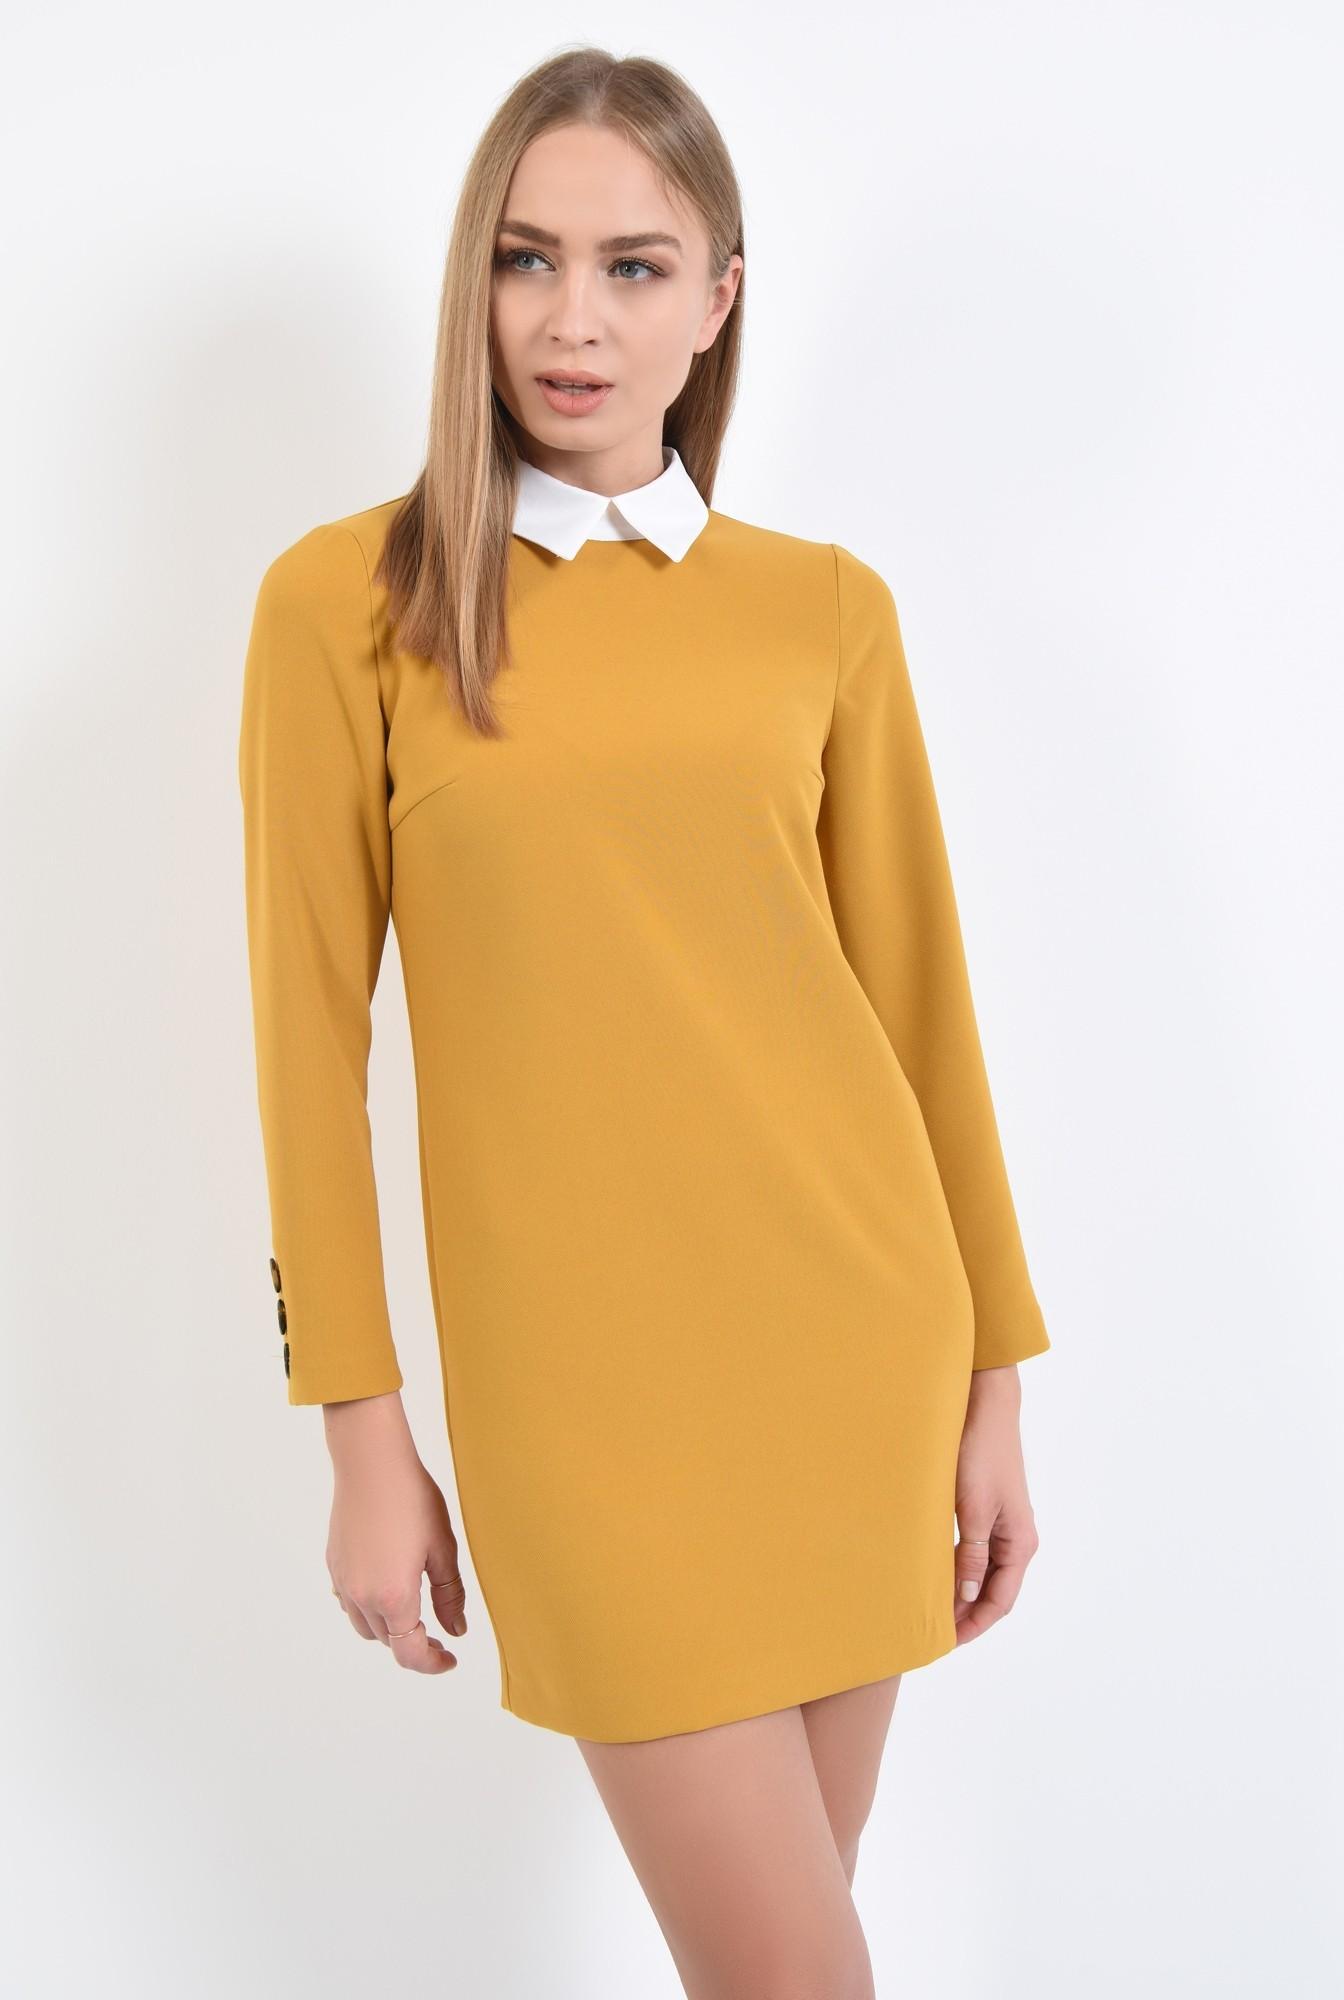 0 - rochie casual, croi drept, guler alb, rochii online